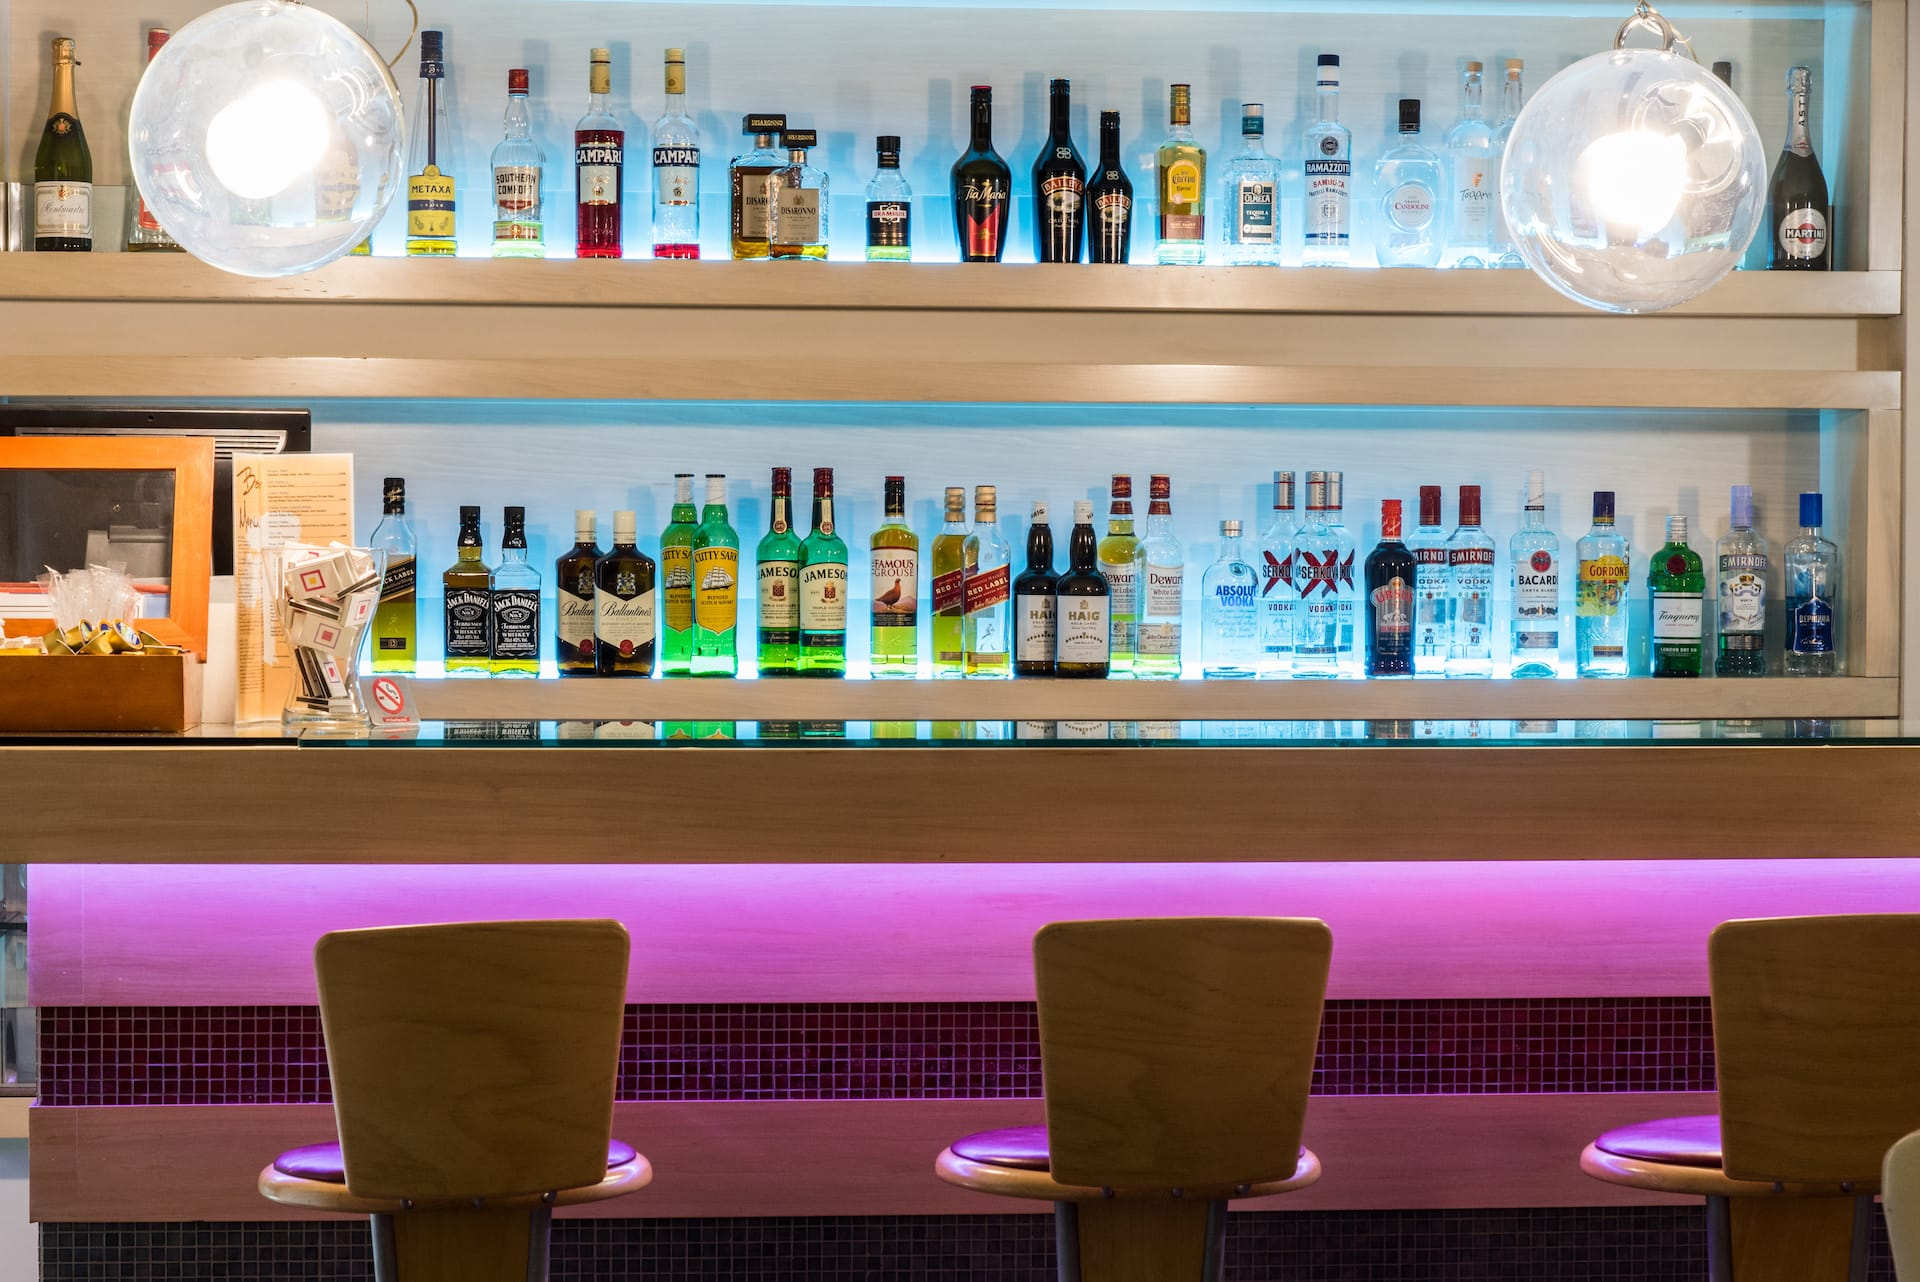 Το μπαρ του ξενοδοχείου ημιδιαμονής Pines Hotel στα βόρεια προάστια στην Εθνική όδο.